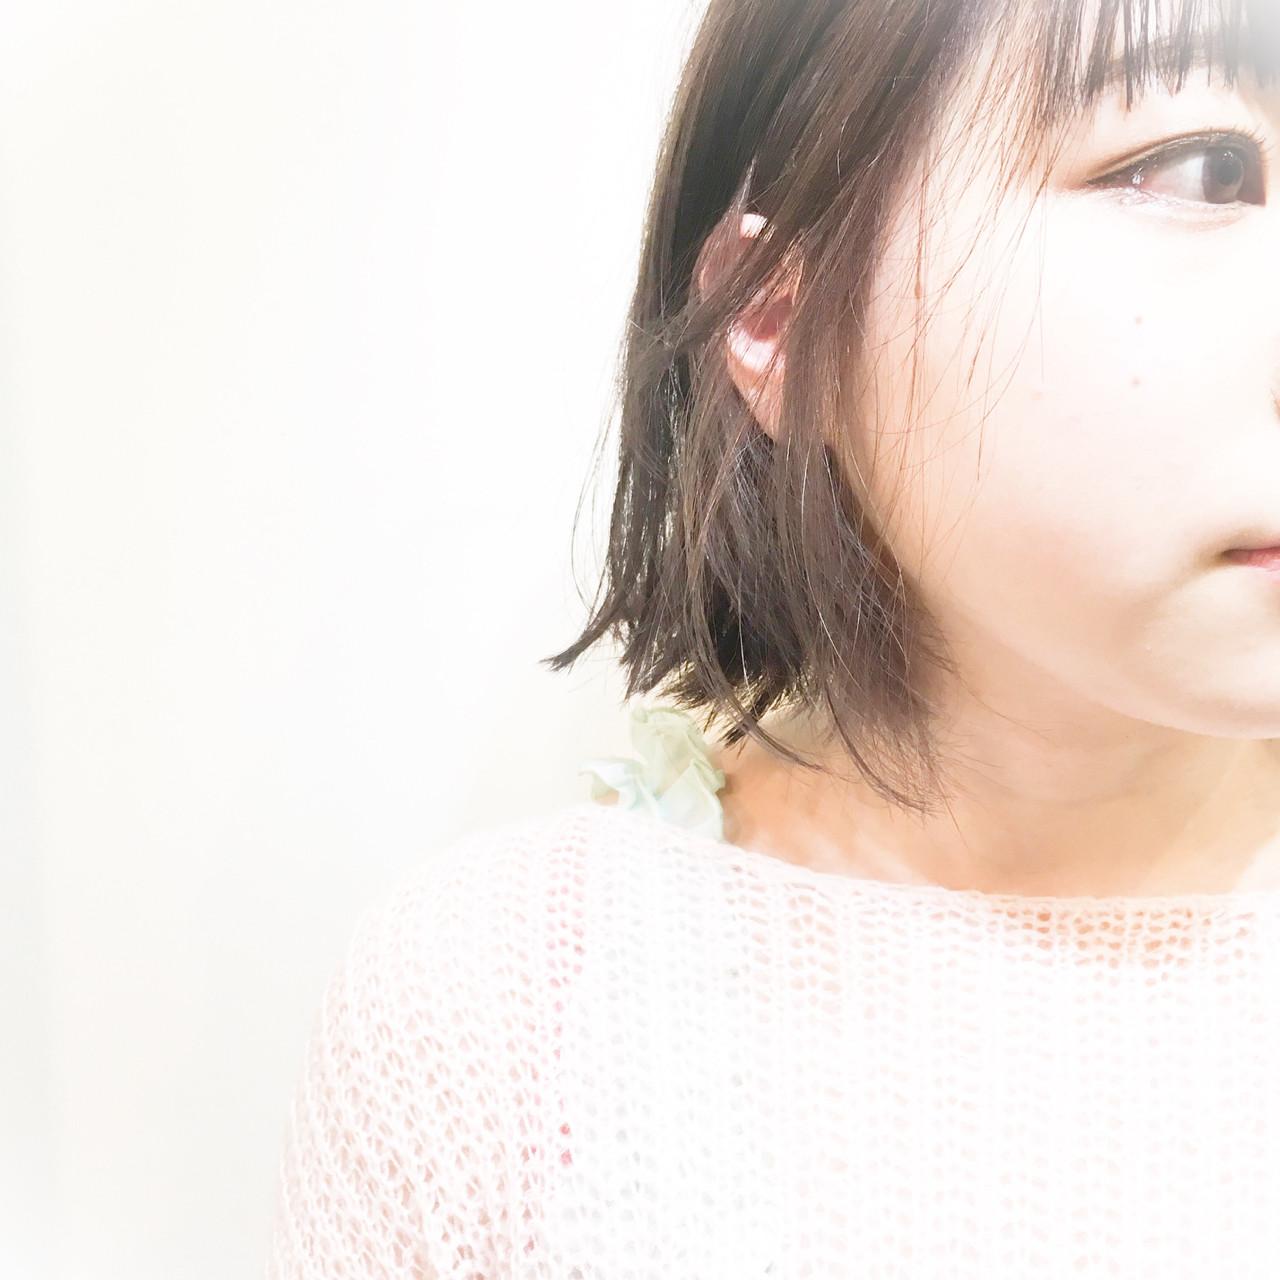 ブラントBOB × グレーアッシュ インナーカラー☆